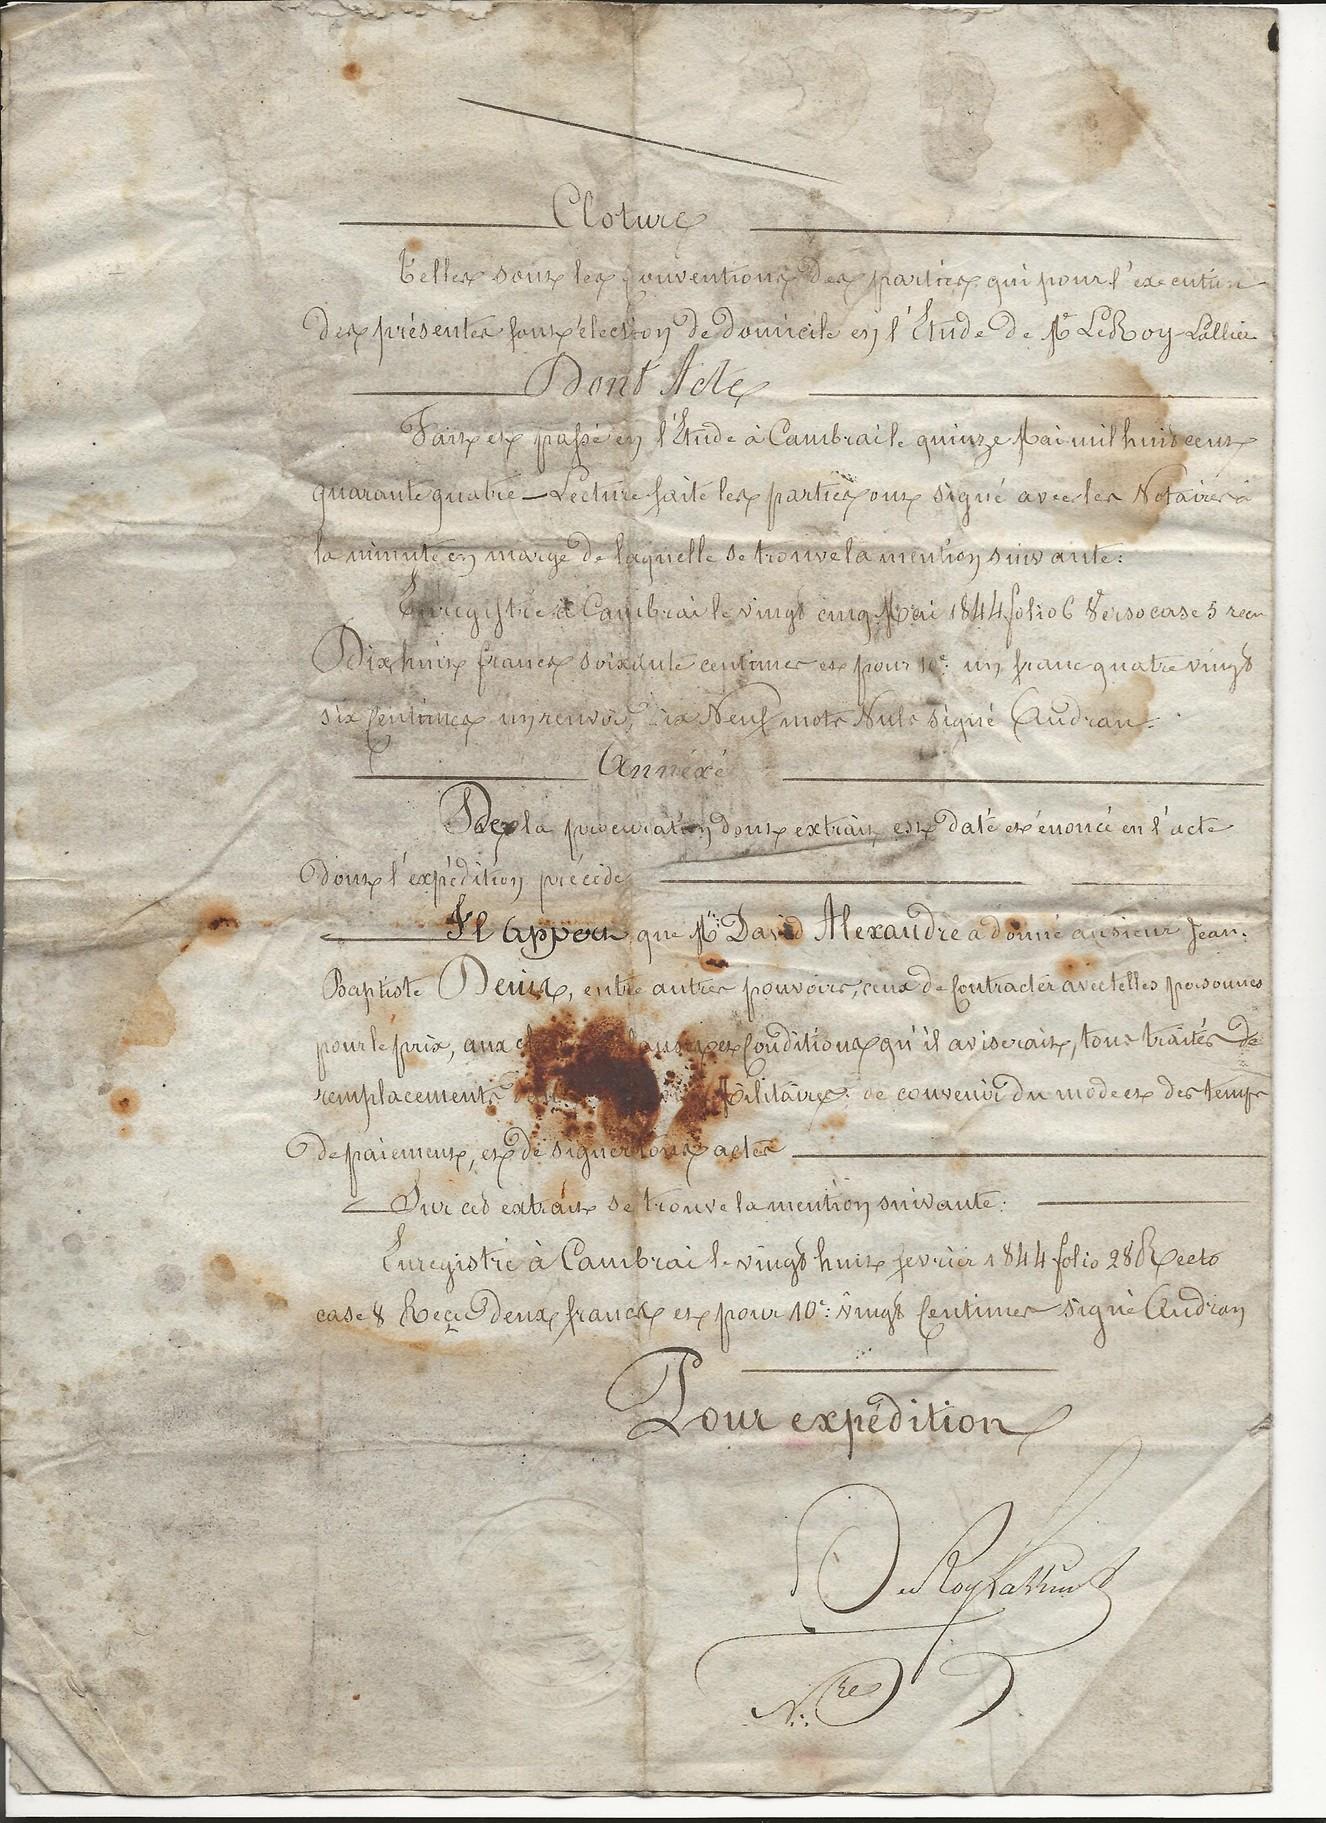 1844 retraite de remplacement de francois pruvot 004